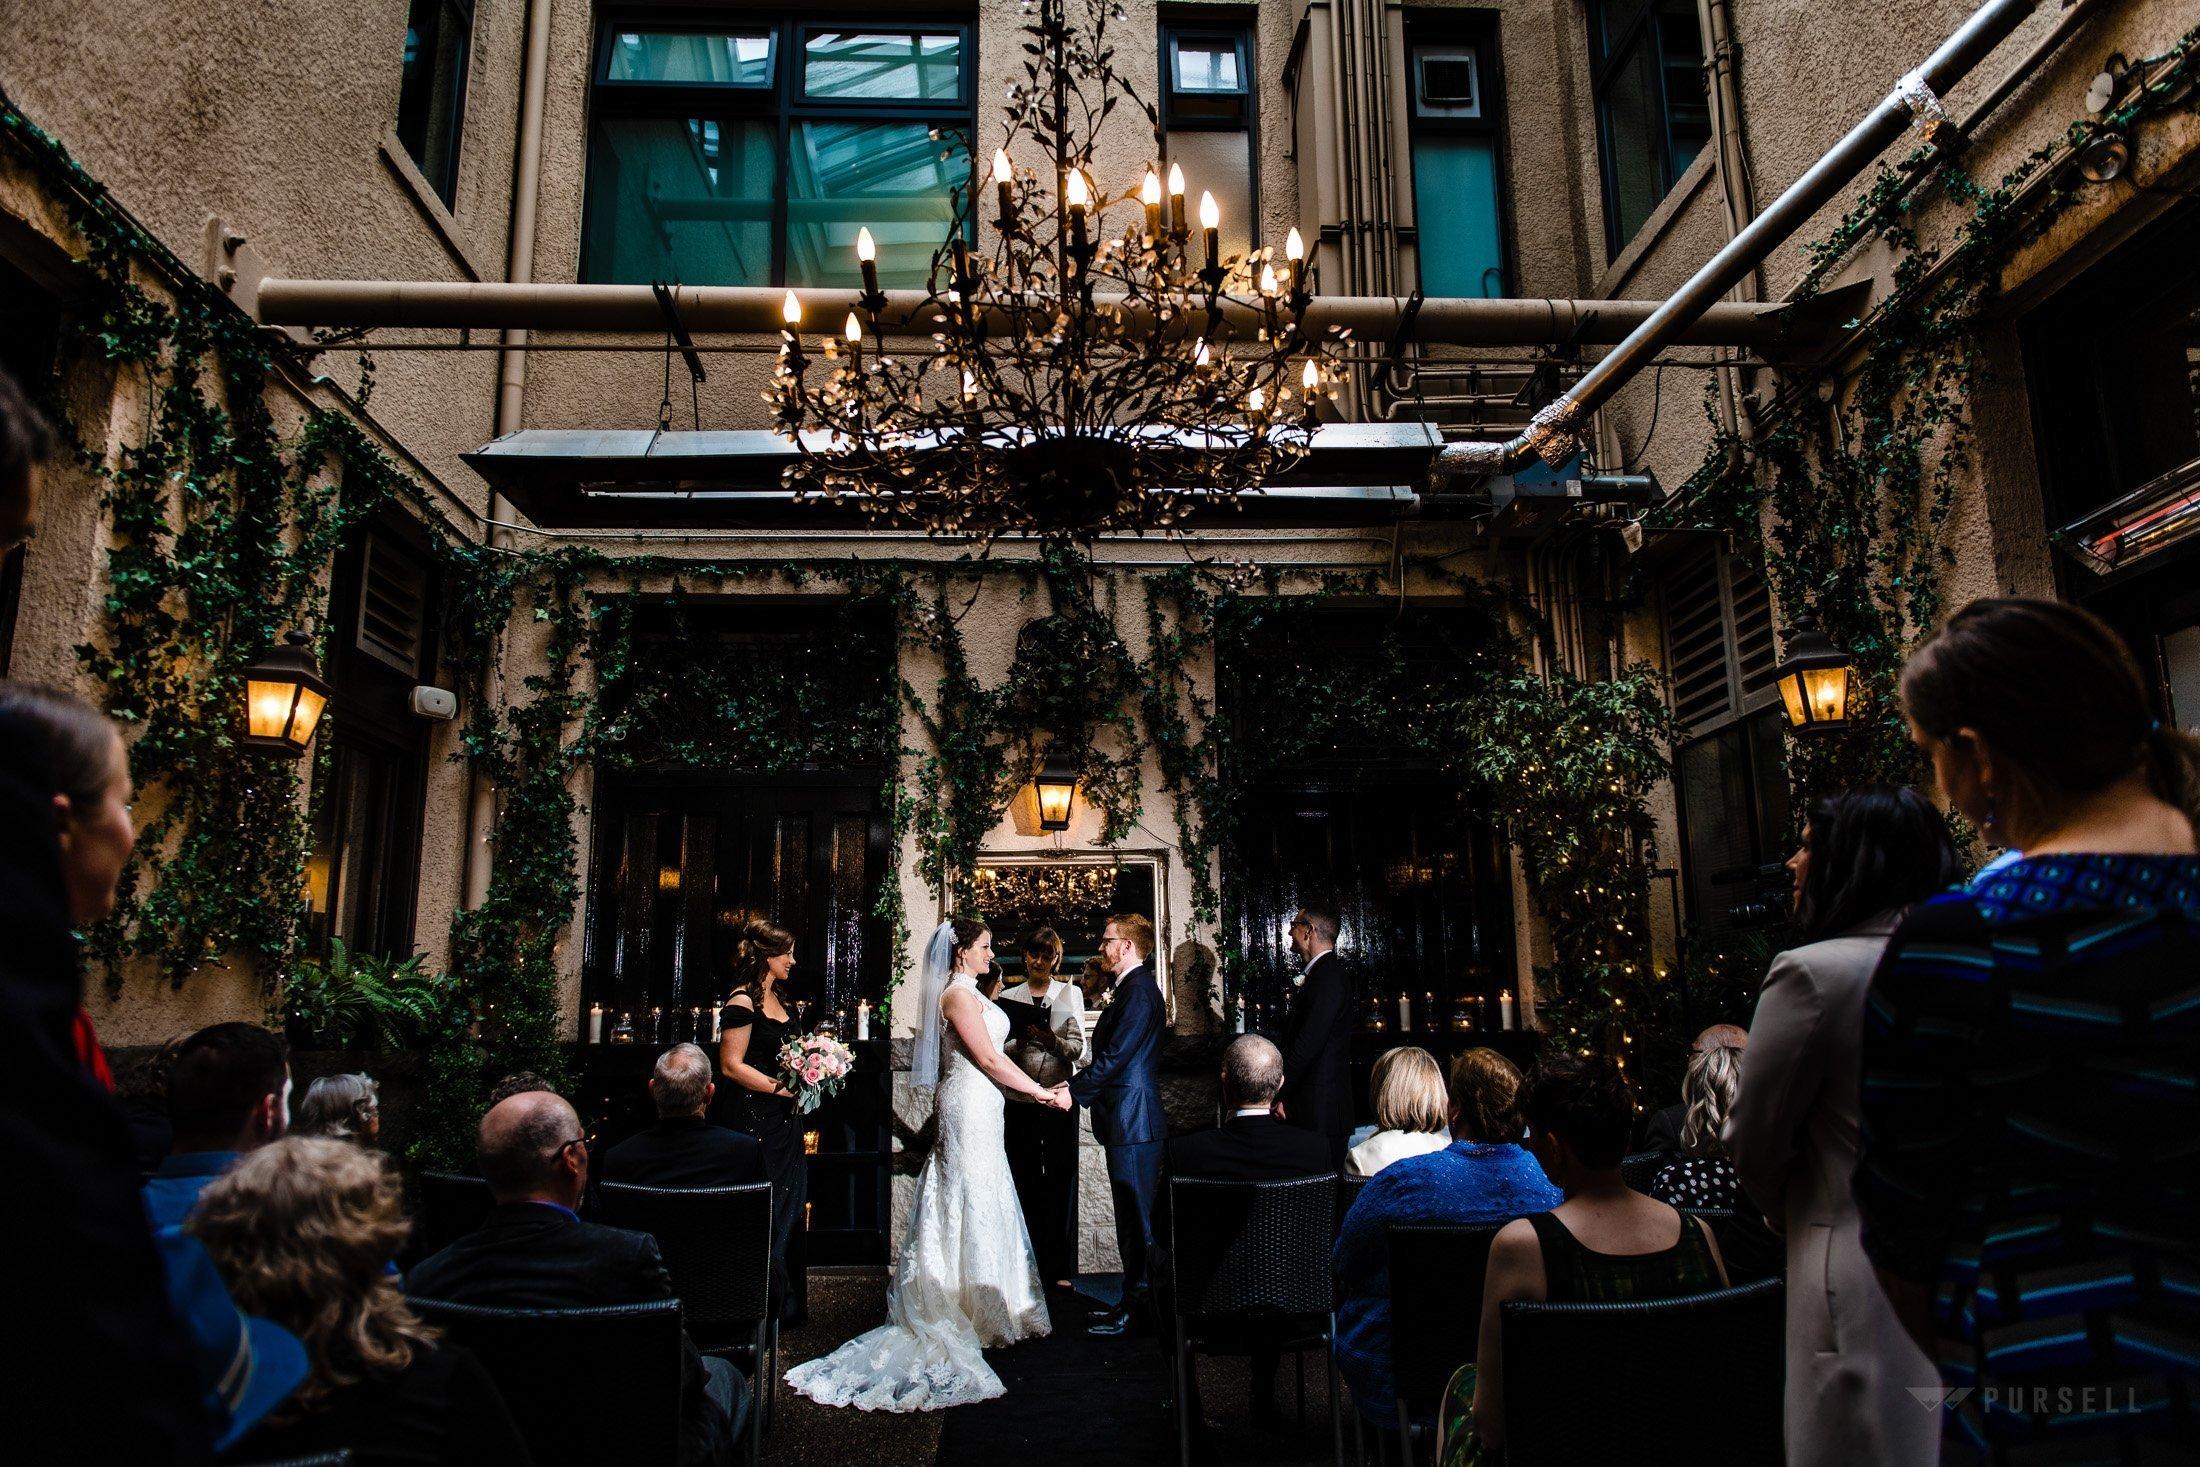 025 - wedding ceremony brix and mortar wedding